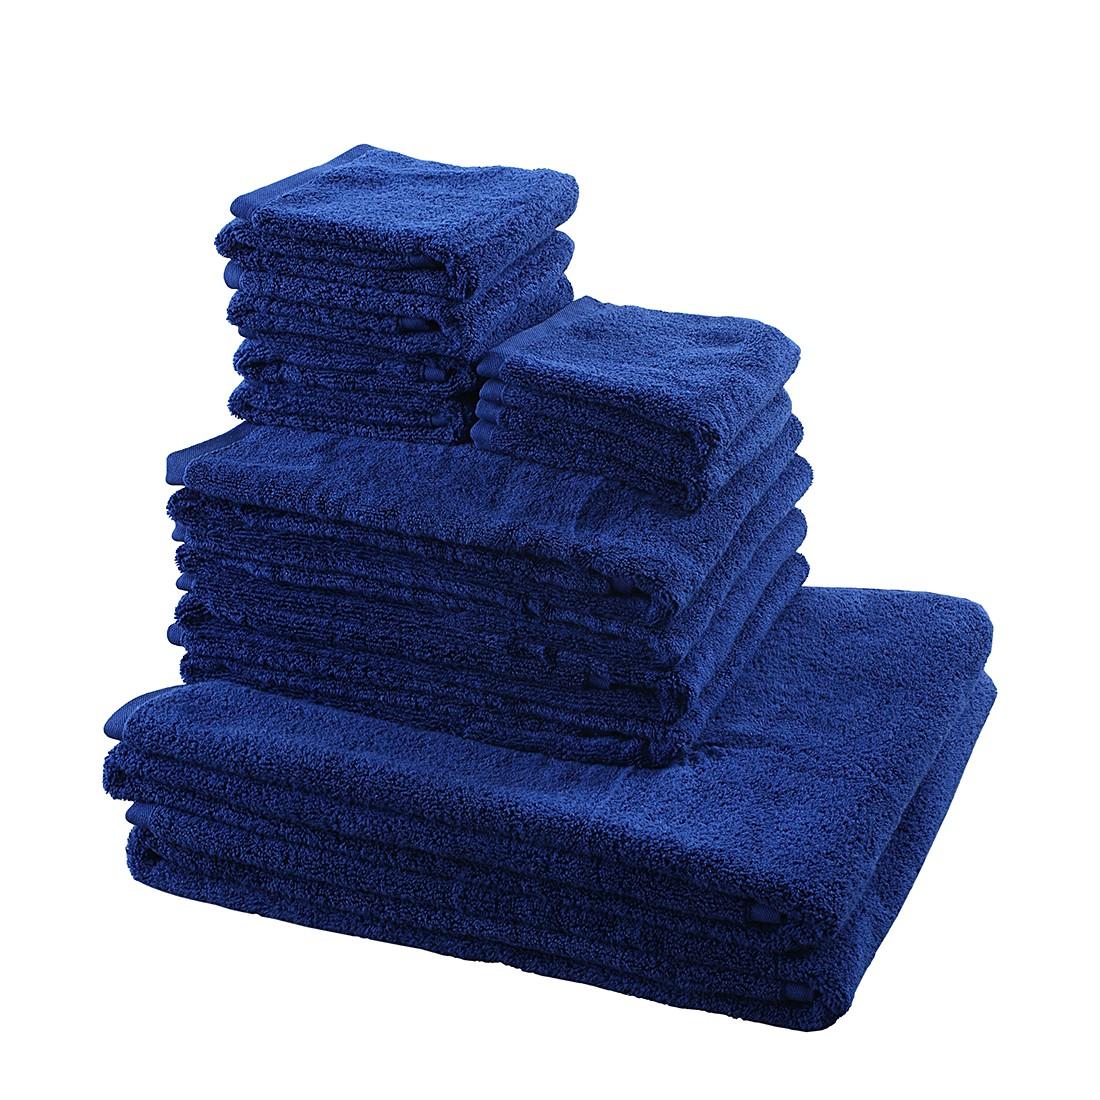 Home 24 - Lot de linges de toilette pure (2 éléments) - bleu foncé, stilana